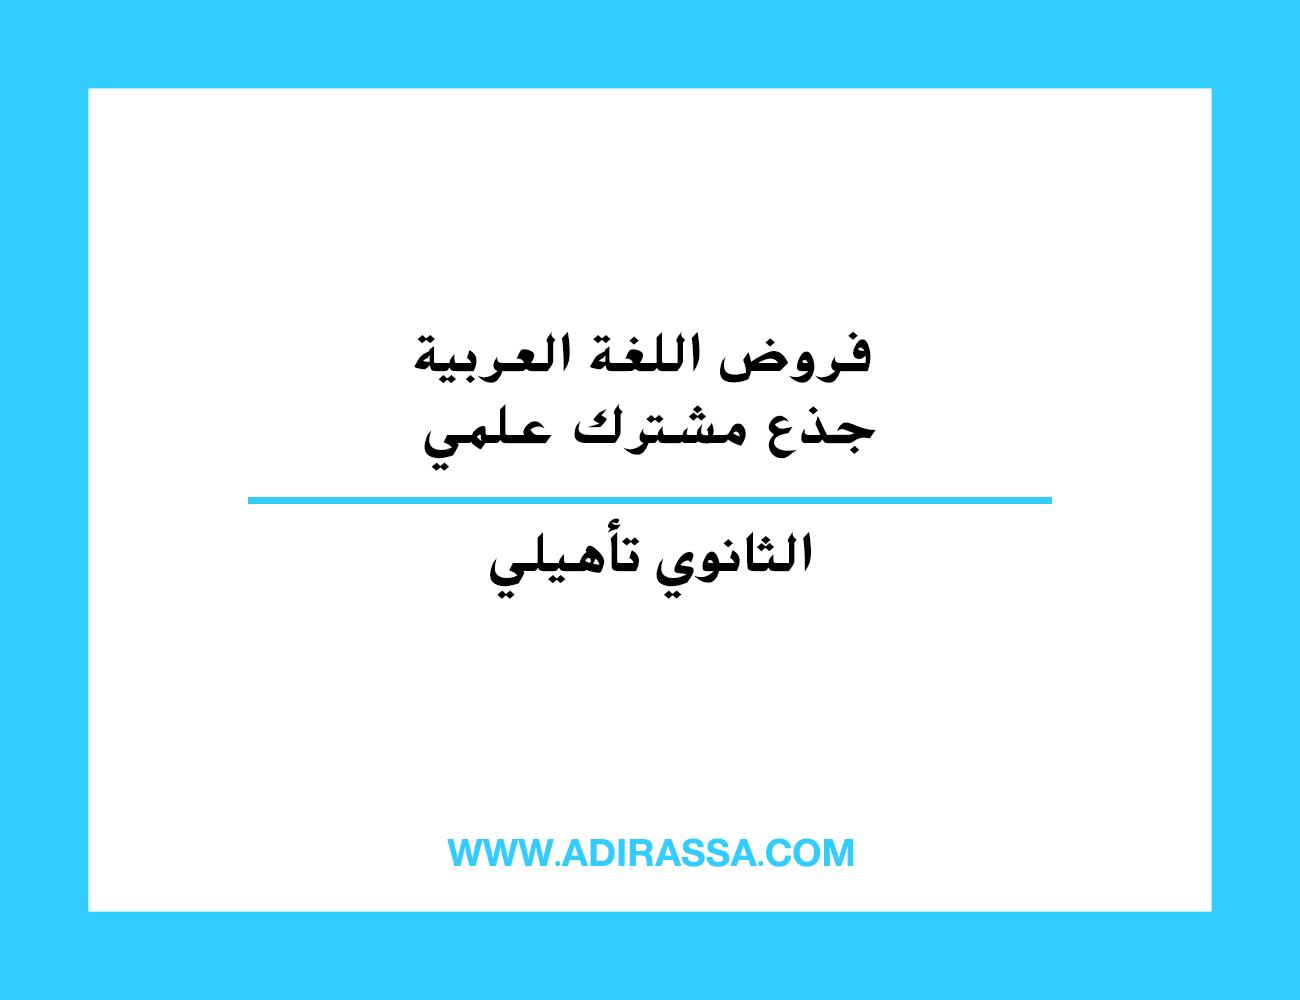 فروض اللغة العربية جذع مشترك علمي الخاصة بالدراسة بالتعليم الثانوي تأهيلي